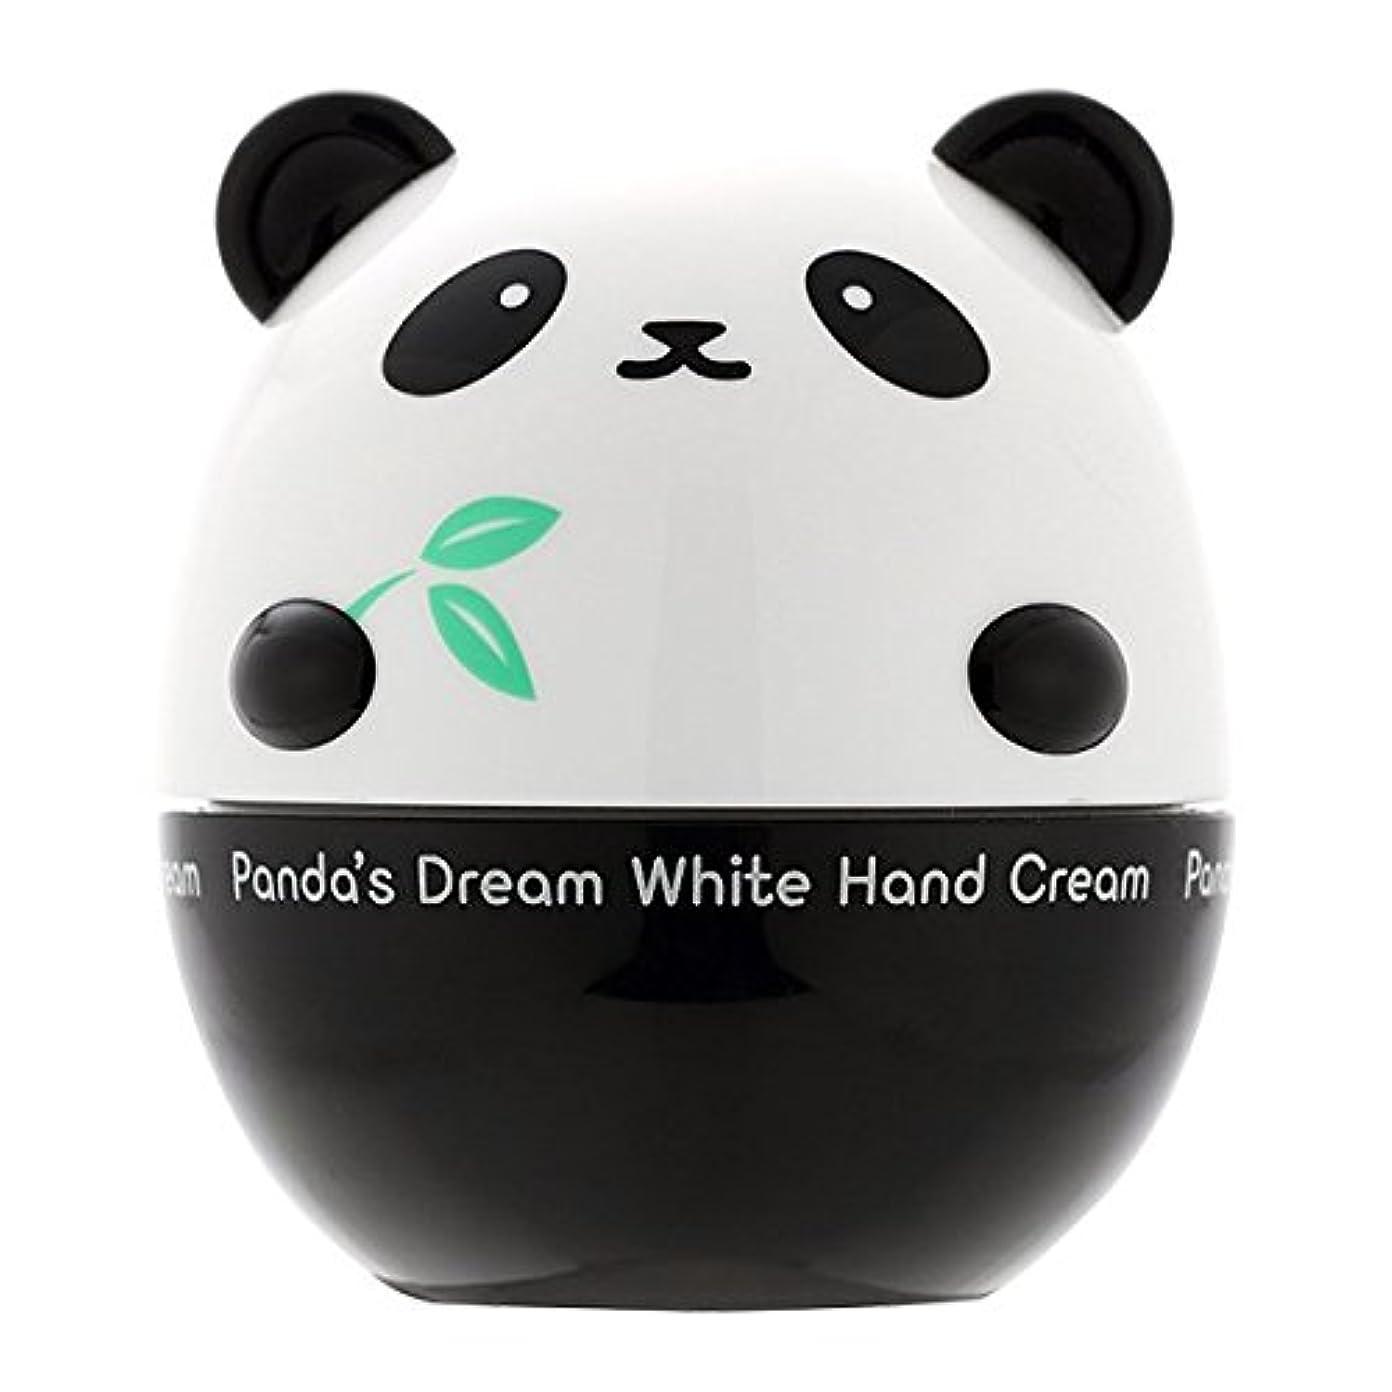 上げるハードリング破壊的TONYMOLY パンダのゆめ ホワイトマジッククリーム 50g Panda's Dream White Magic Cream 照明クリームトニーモリー下地の代わりに美肌クリーム美肌成分含有 【韓国コスメ】トニーモリー